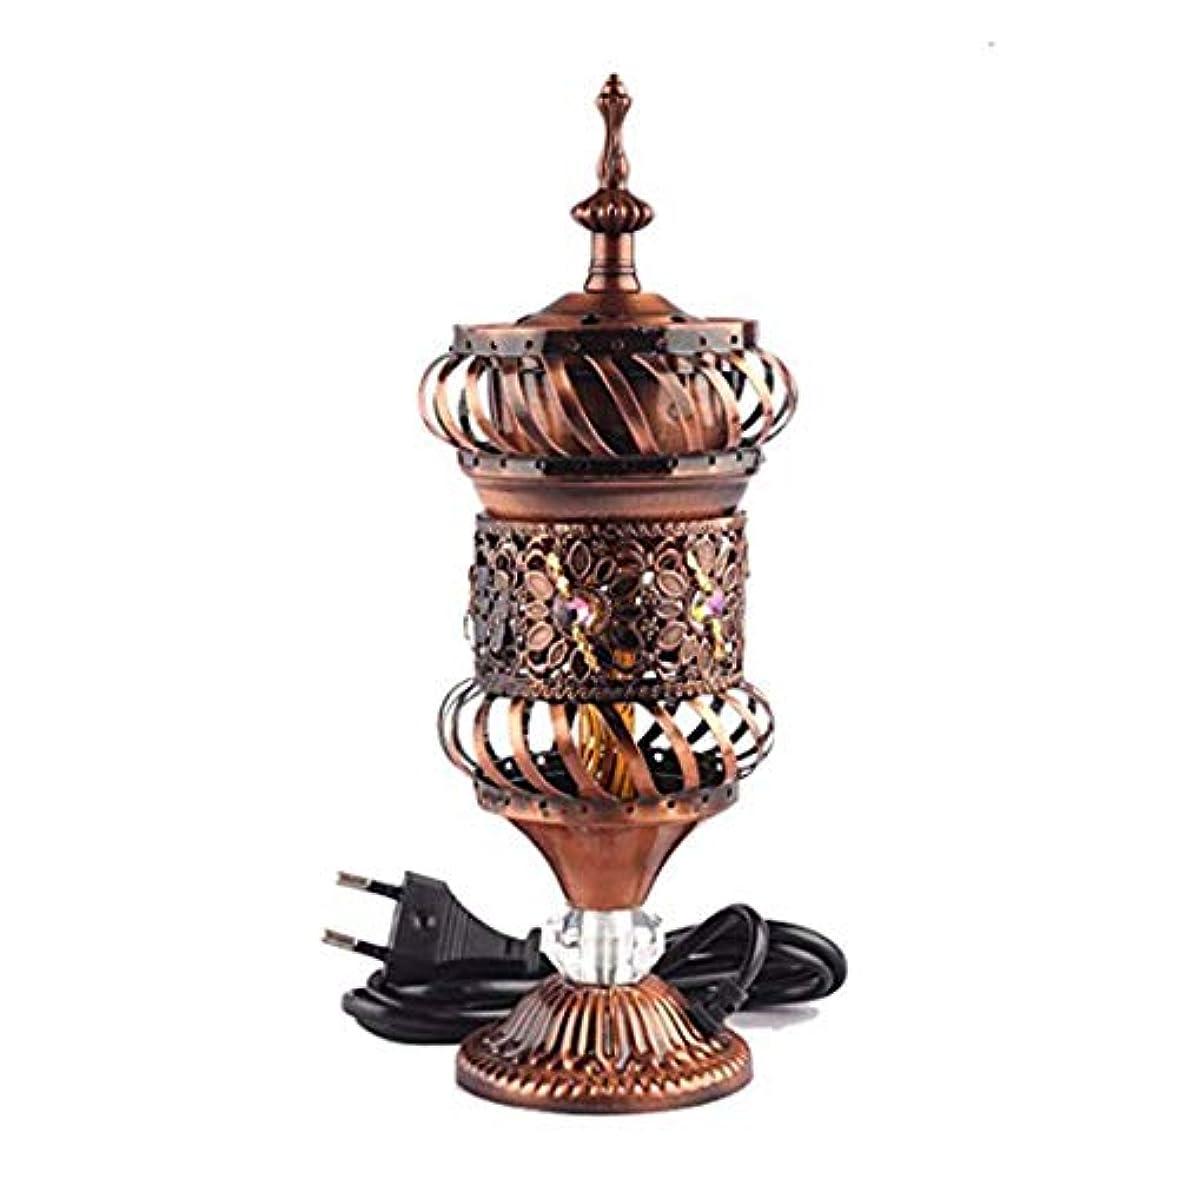 補正おじさんスツールOMG-Deal Electric Bakhoor Burner Electric Incense Burner +Camphor- Oud Resin Frankincense Camphor Positive Energy Gift - WF-075 - Copper